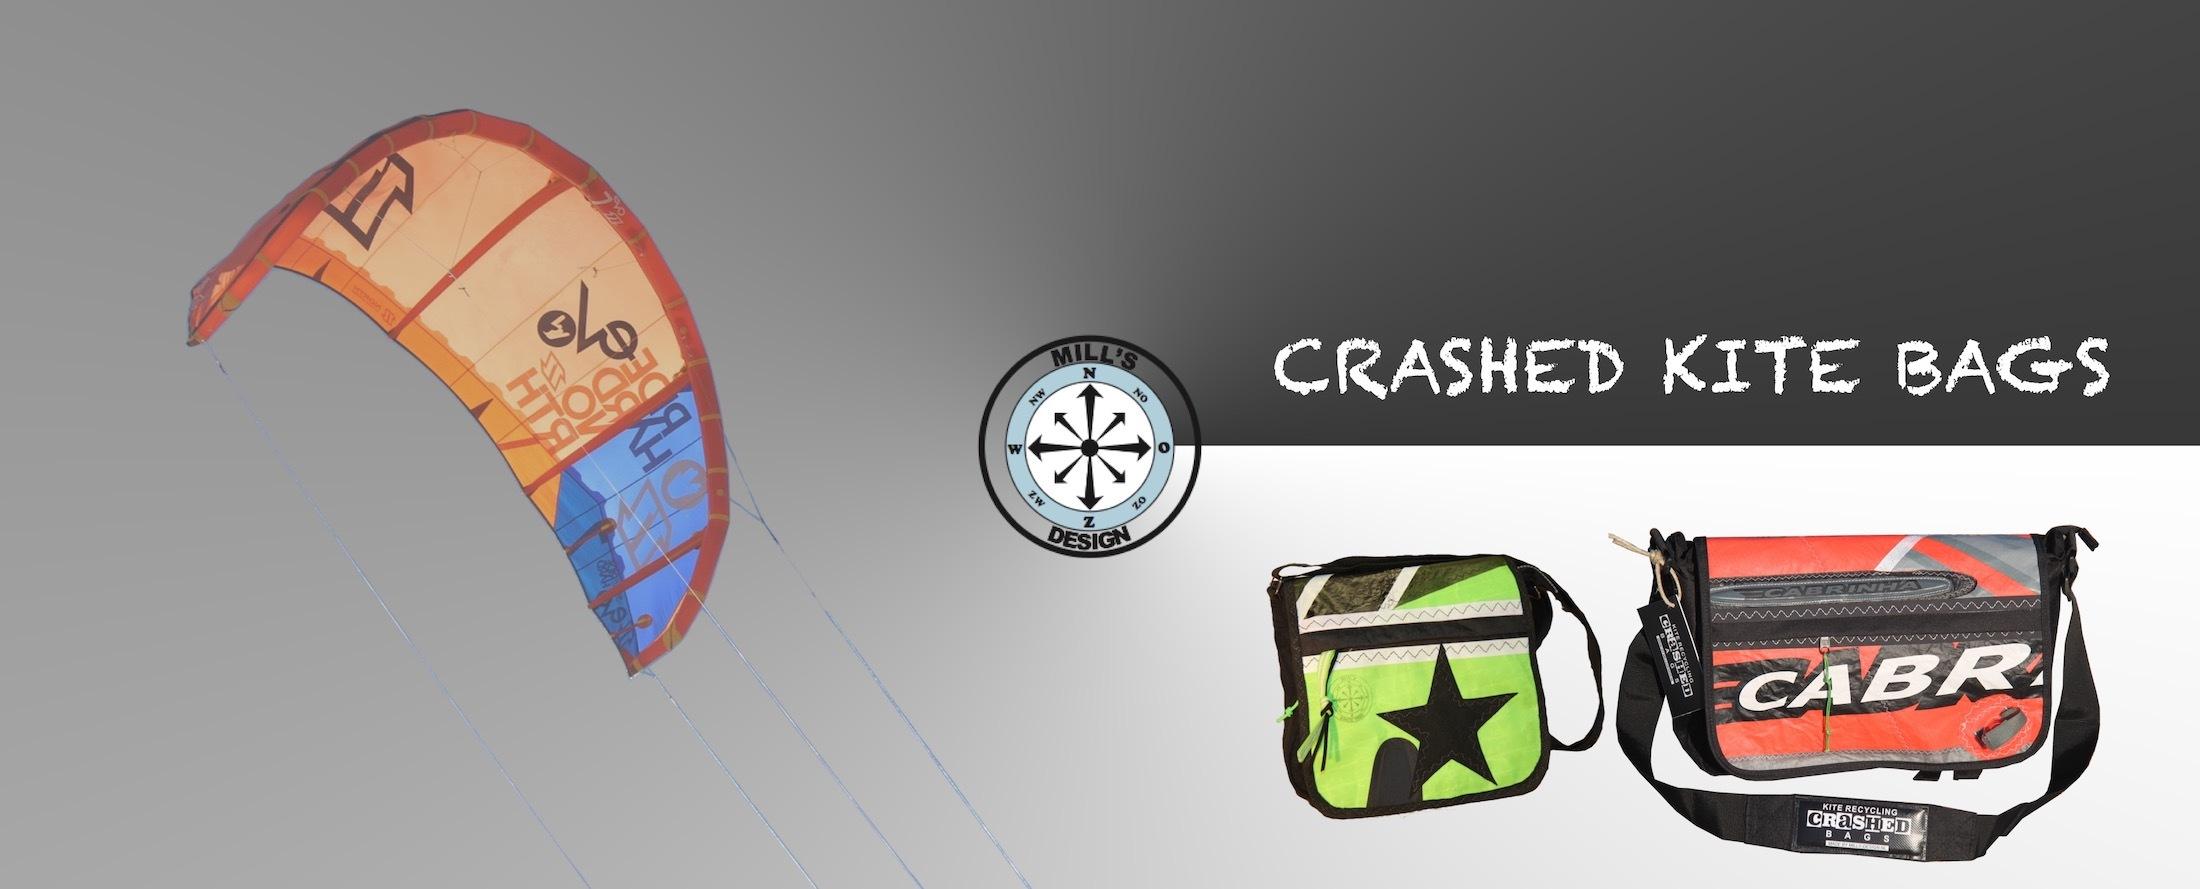 crashed kite bags